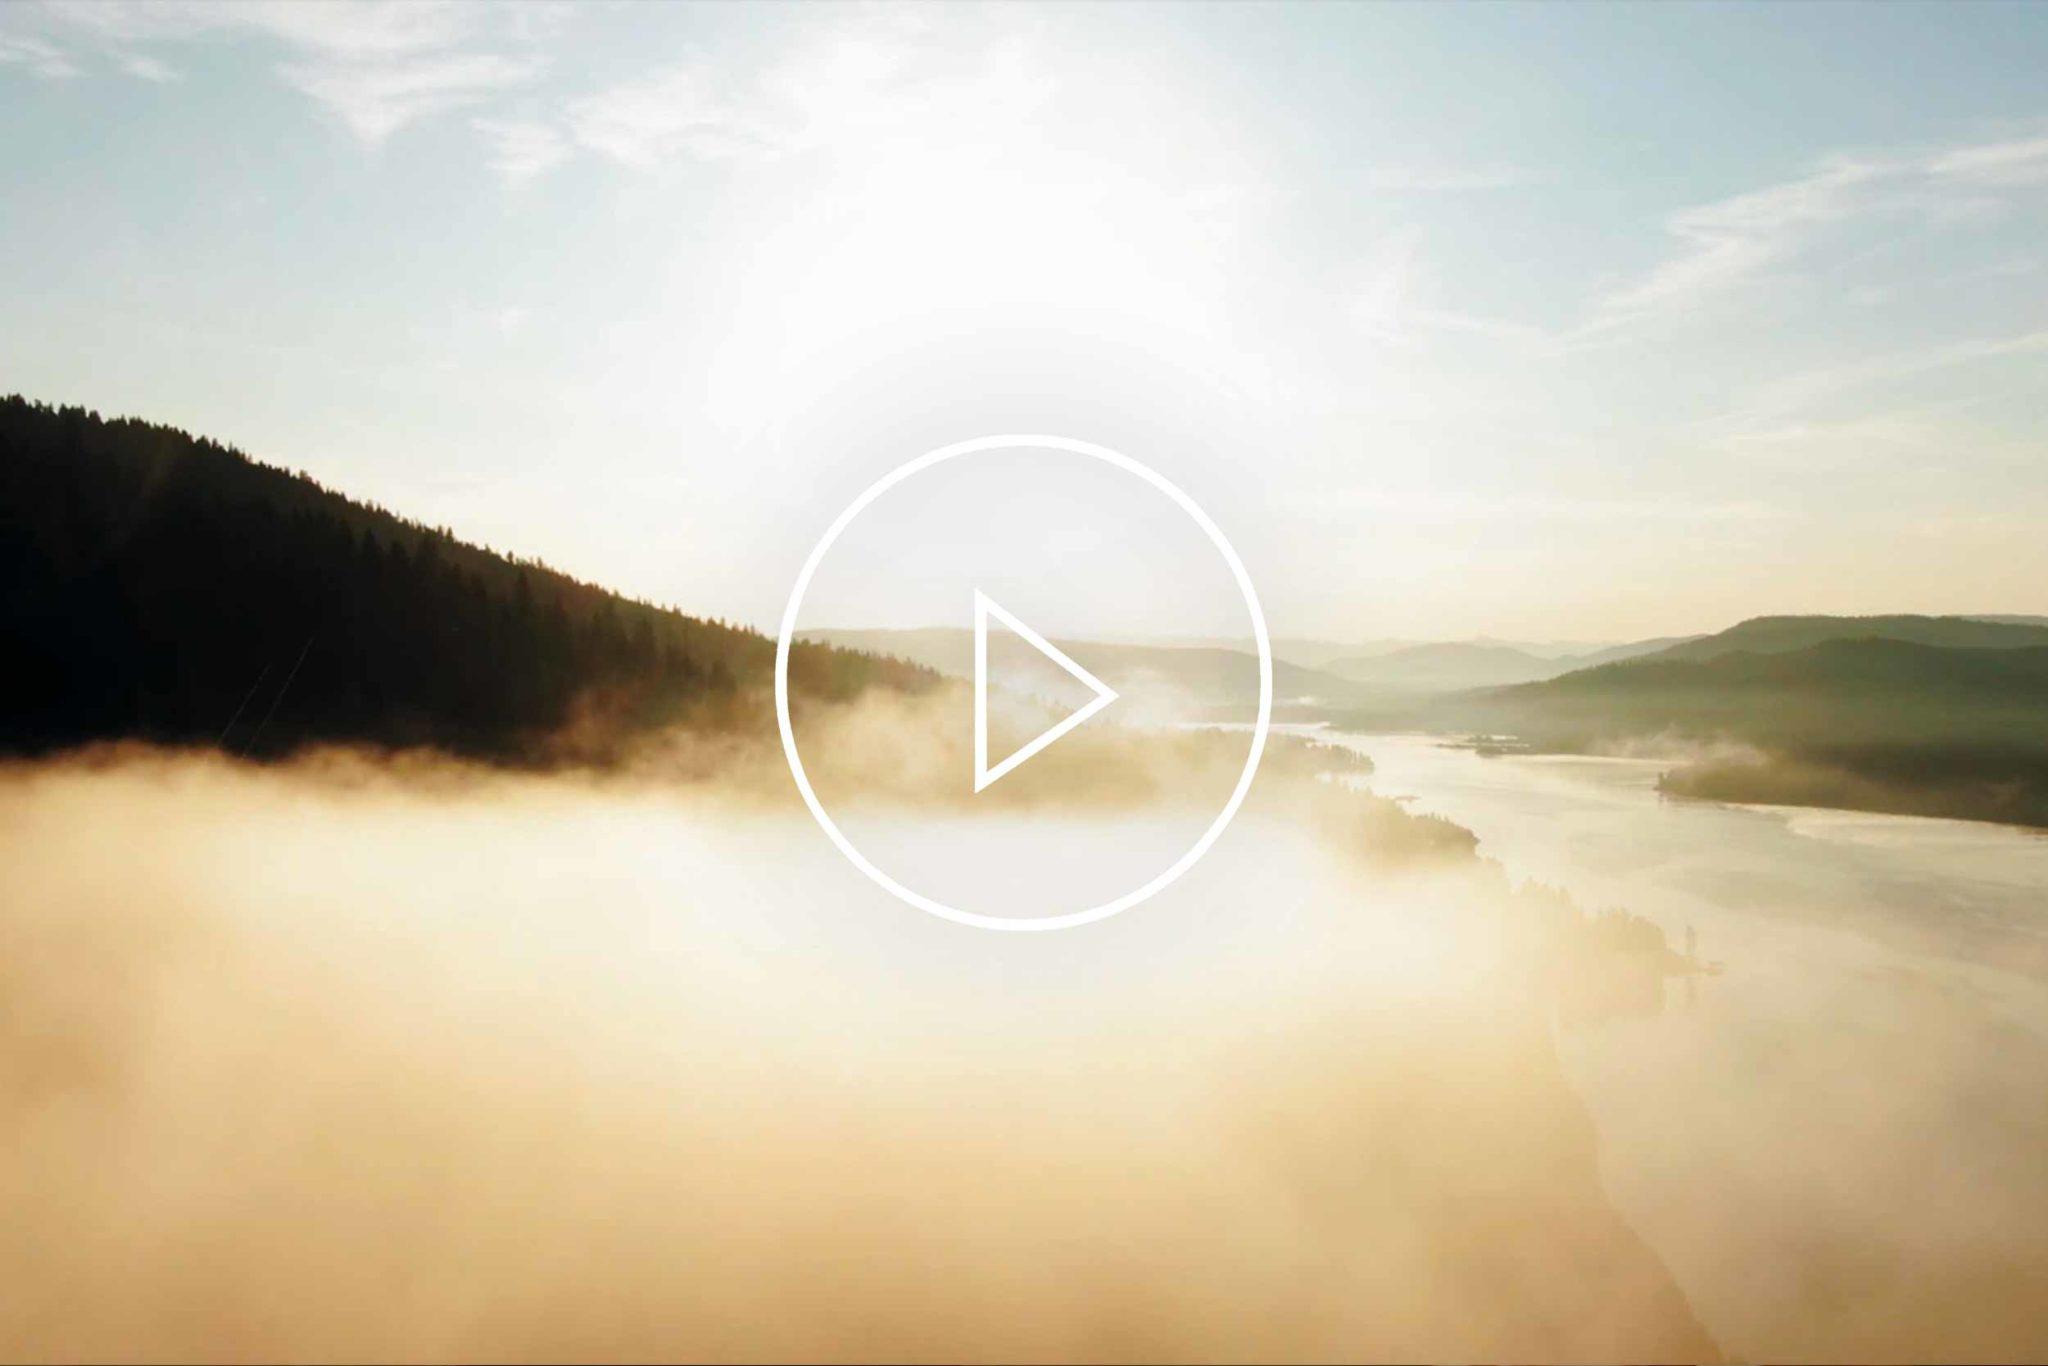 Cornelia Hagmann La Galleria Silk Scarves Image Movie St Moritz 2019, Seidenschal, sciarpa di seta, foulard soie,